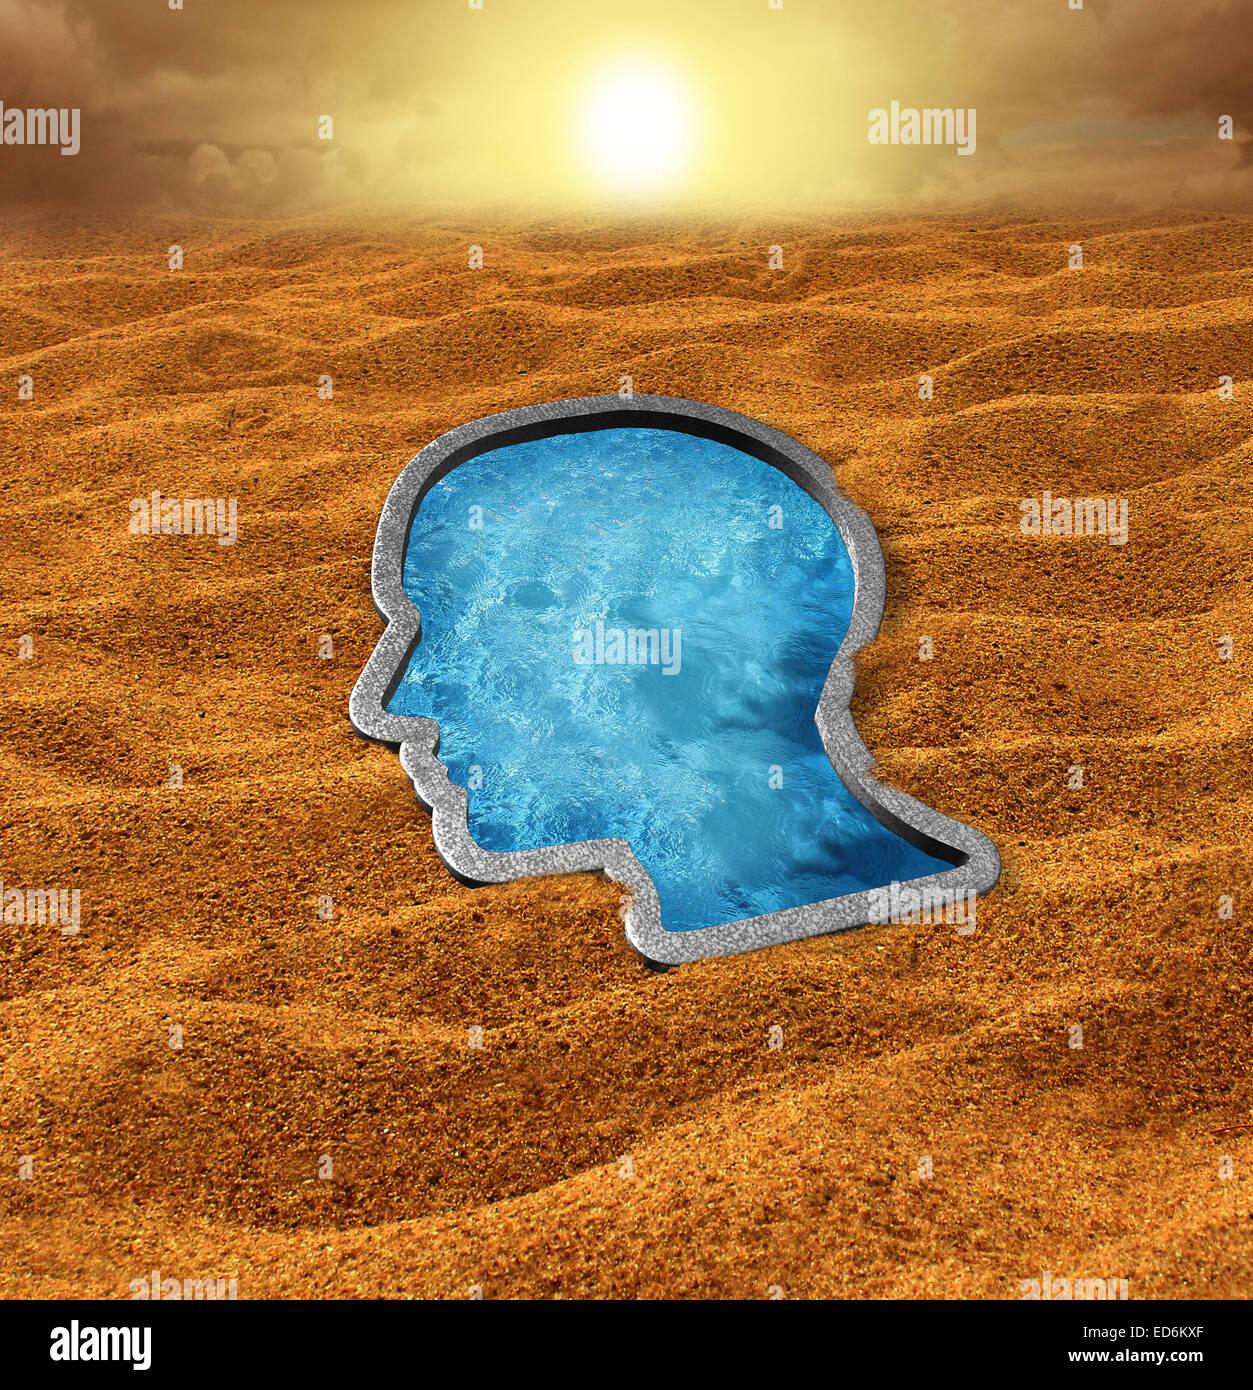 La esperanza humana concepto como un desierto seco y caliente con una refrescante piscina oasis formado como un Imagen De Stock